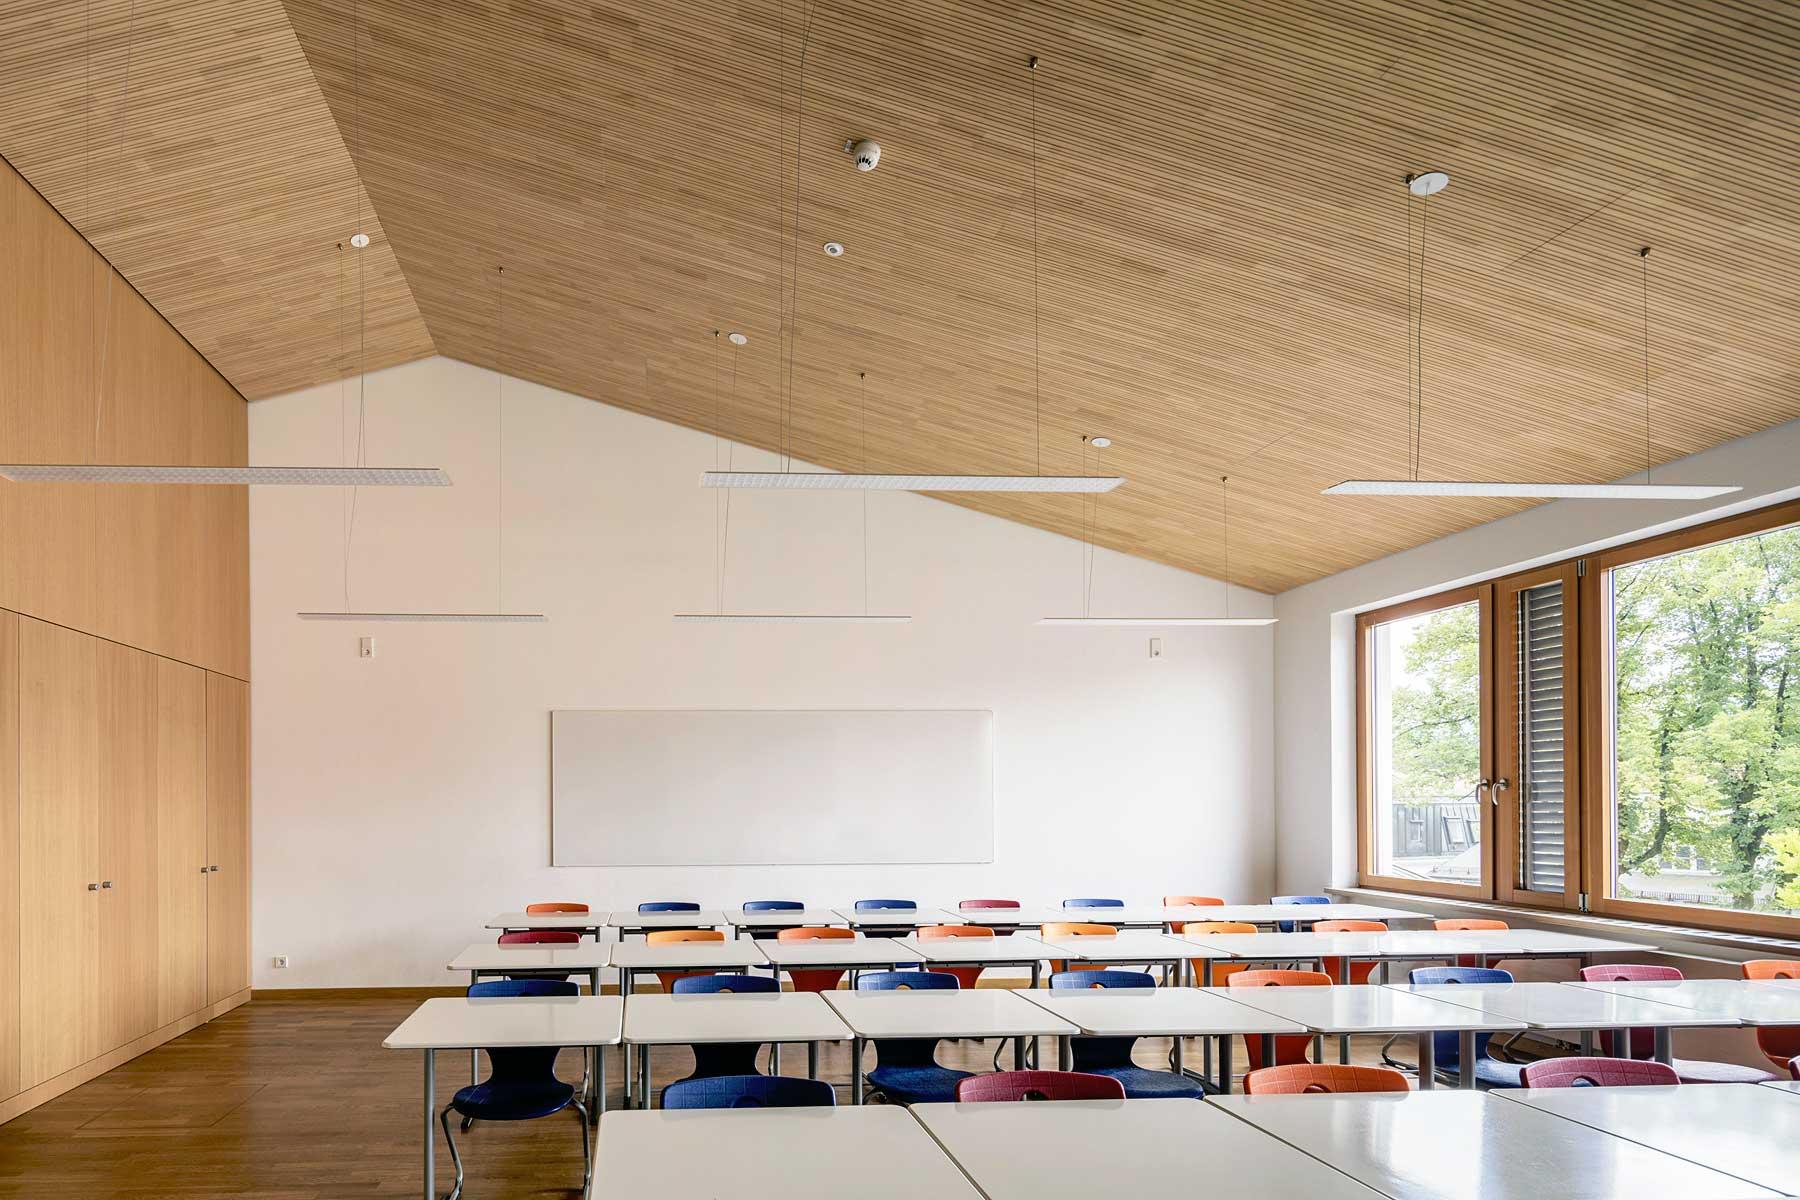 Realschule Prien Klassenraum